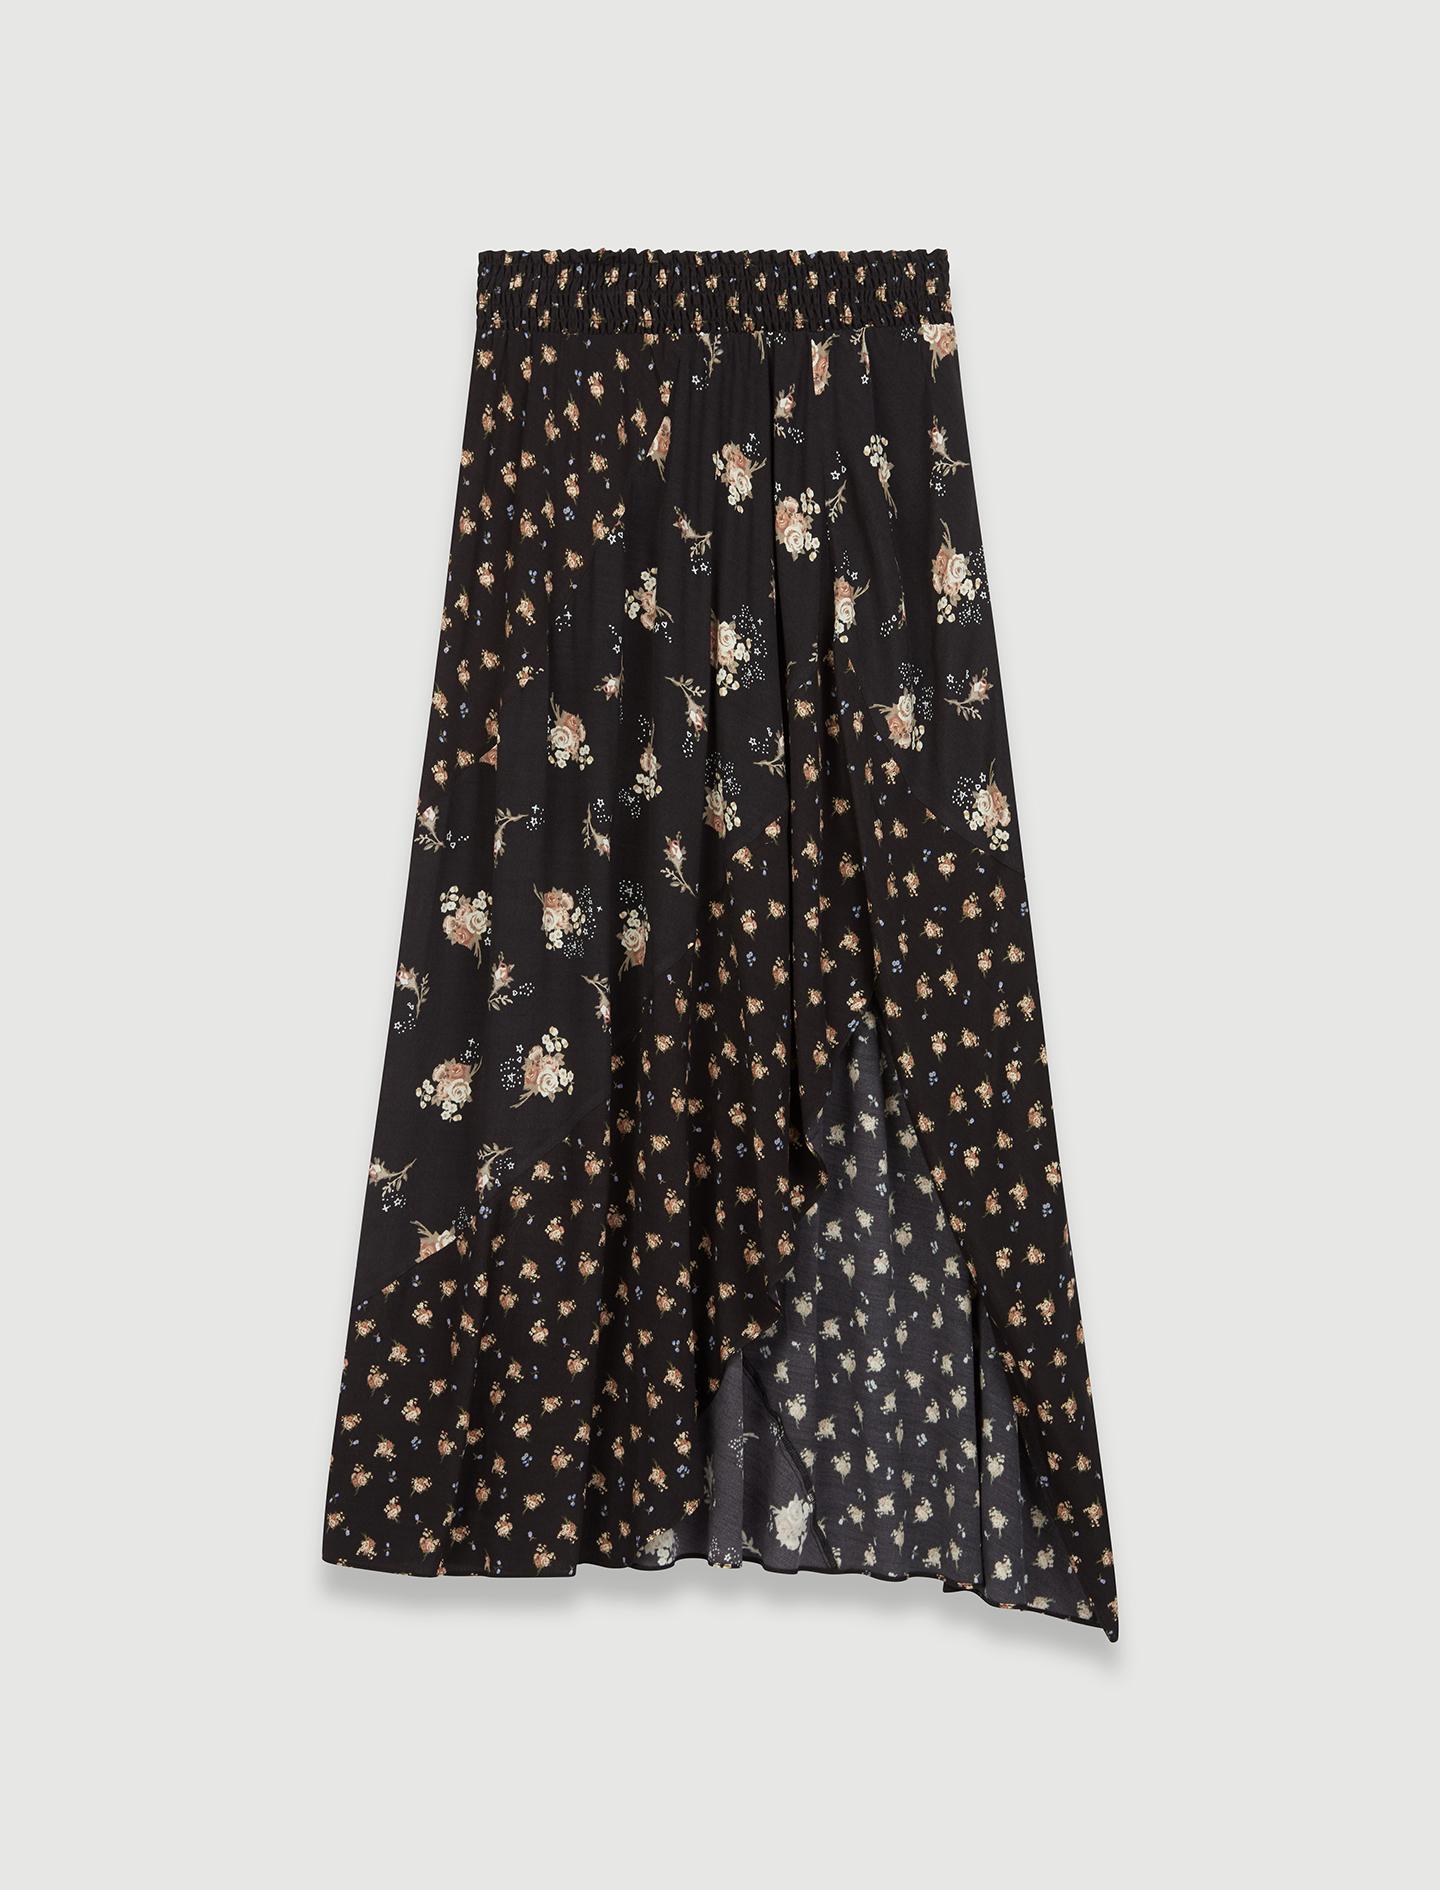 Falda de Maje (225 euros).